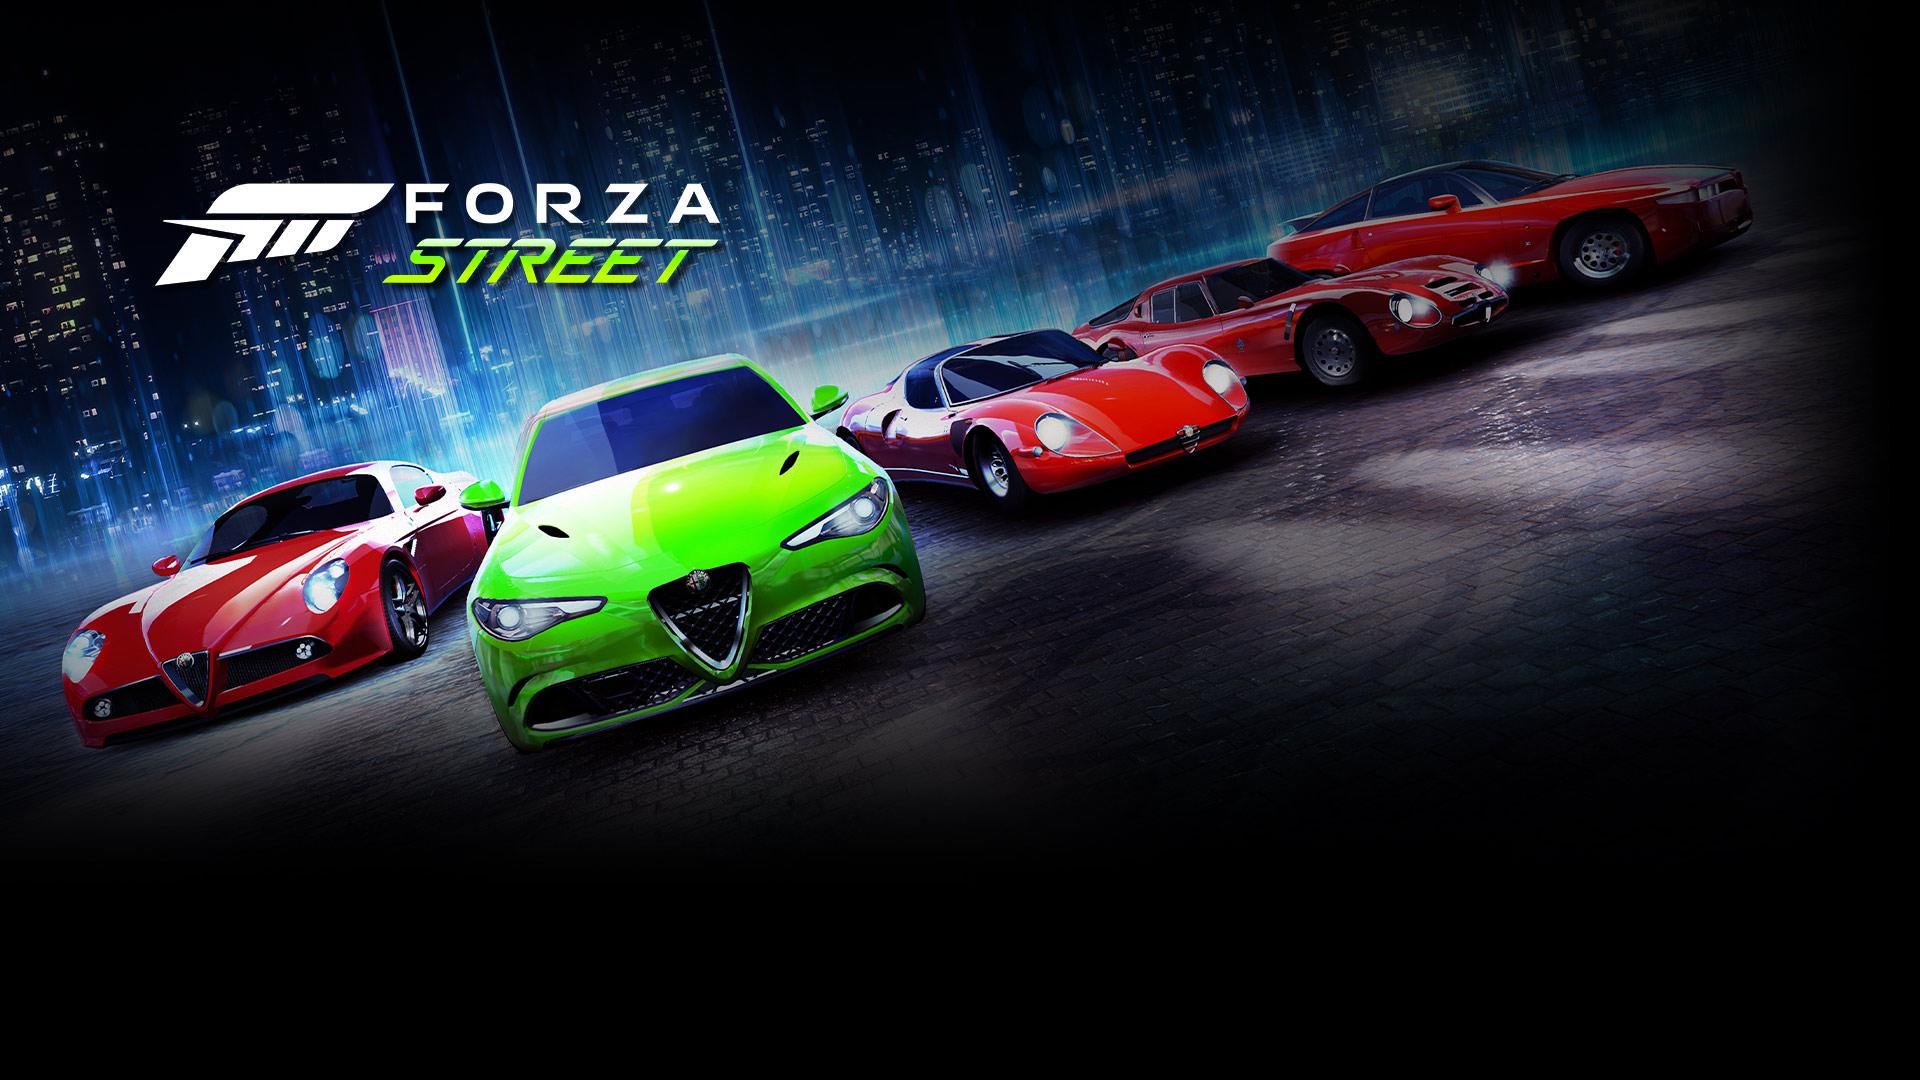 Forza Street, модельный ряд легендарных автомобилей на заднем плане